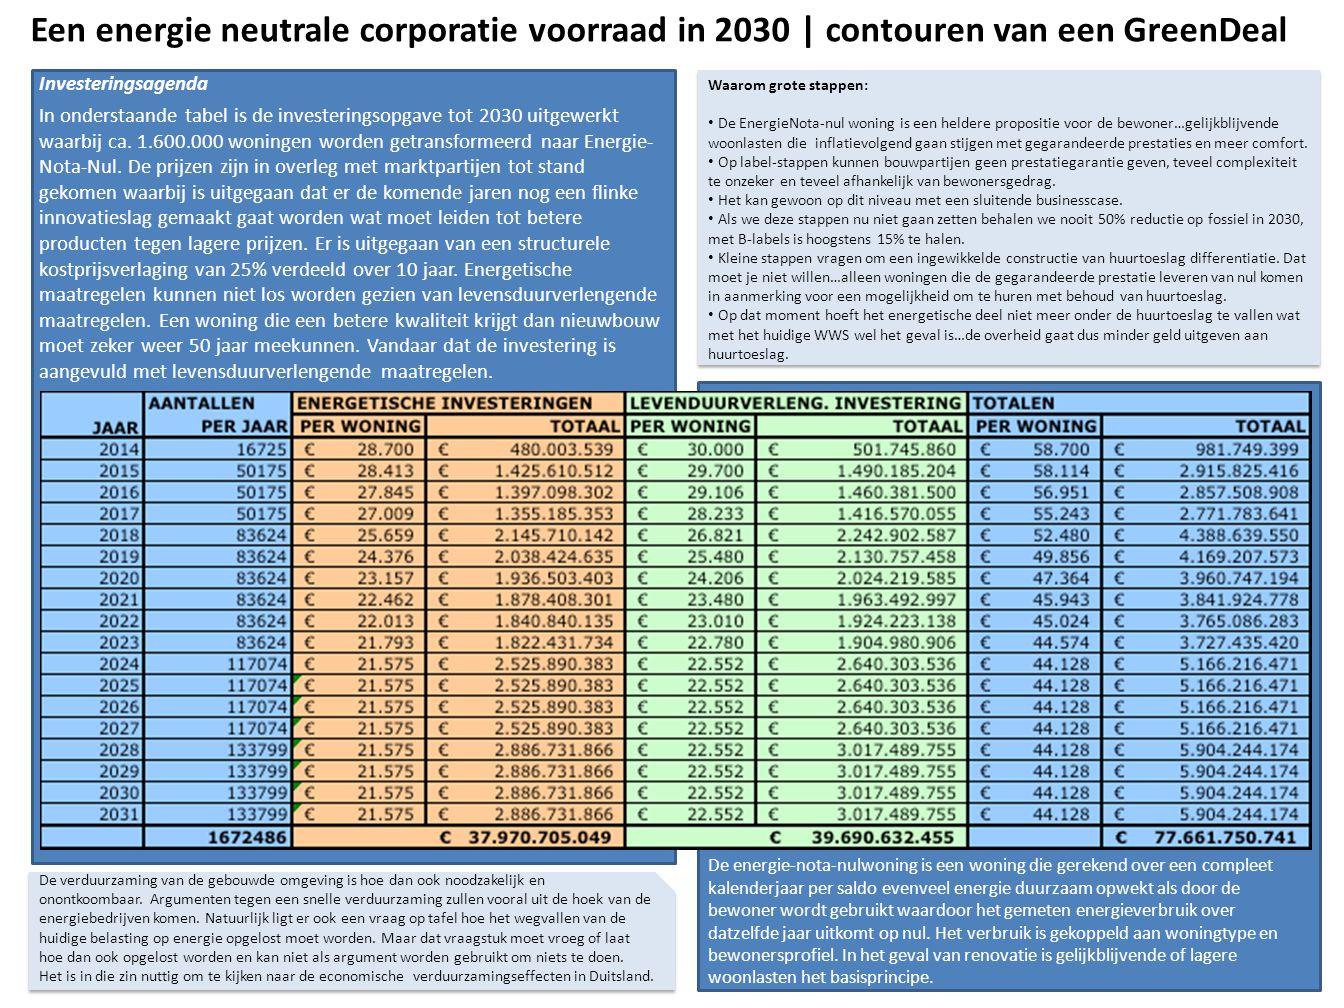 Een energie neutrale corporatie voorraad in 2030 | contouren van een GreenDeal Investeringsagenda.